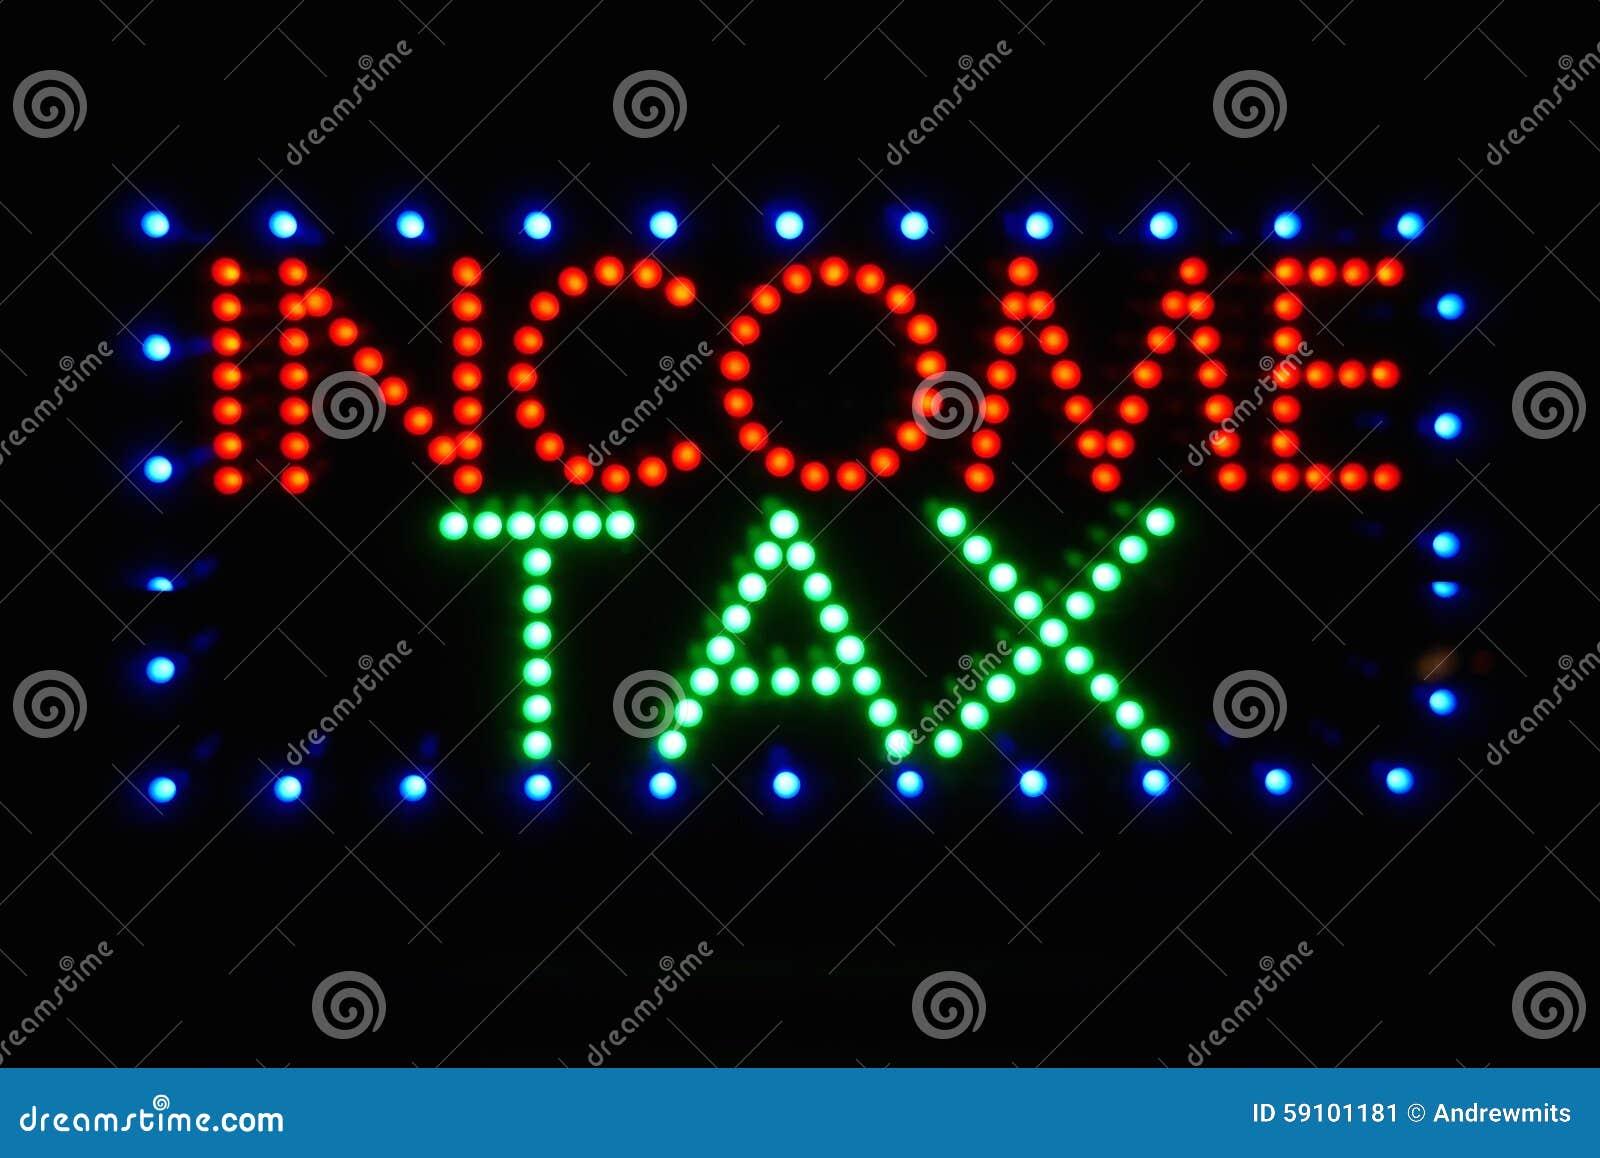 Segno di imposta sul reddito